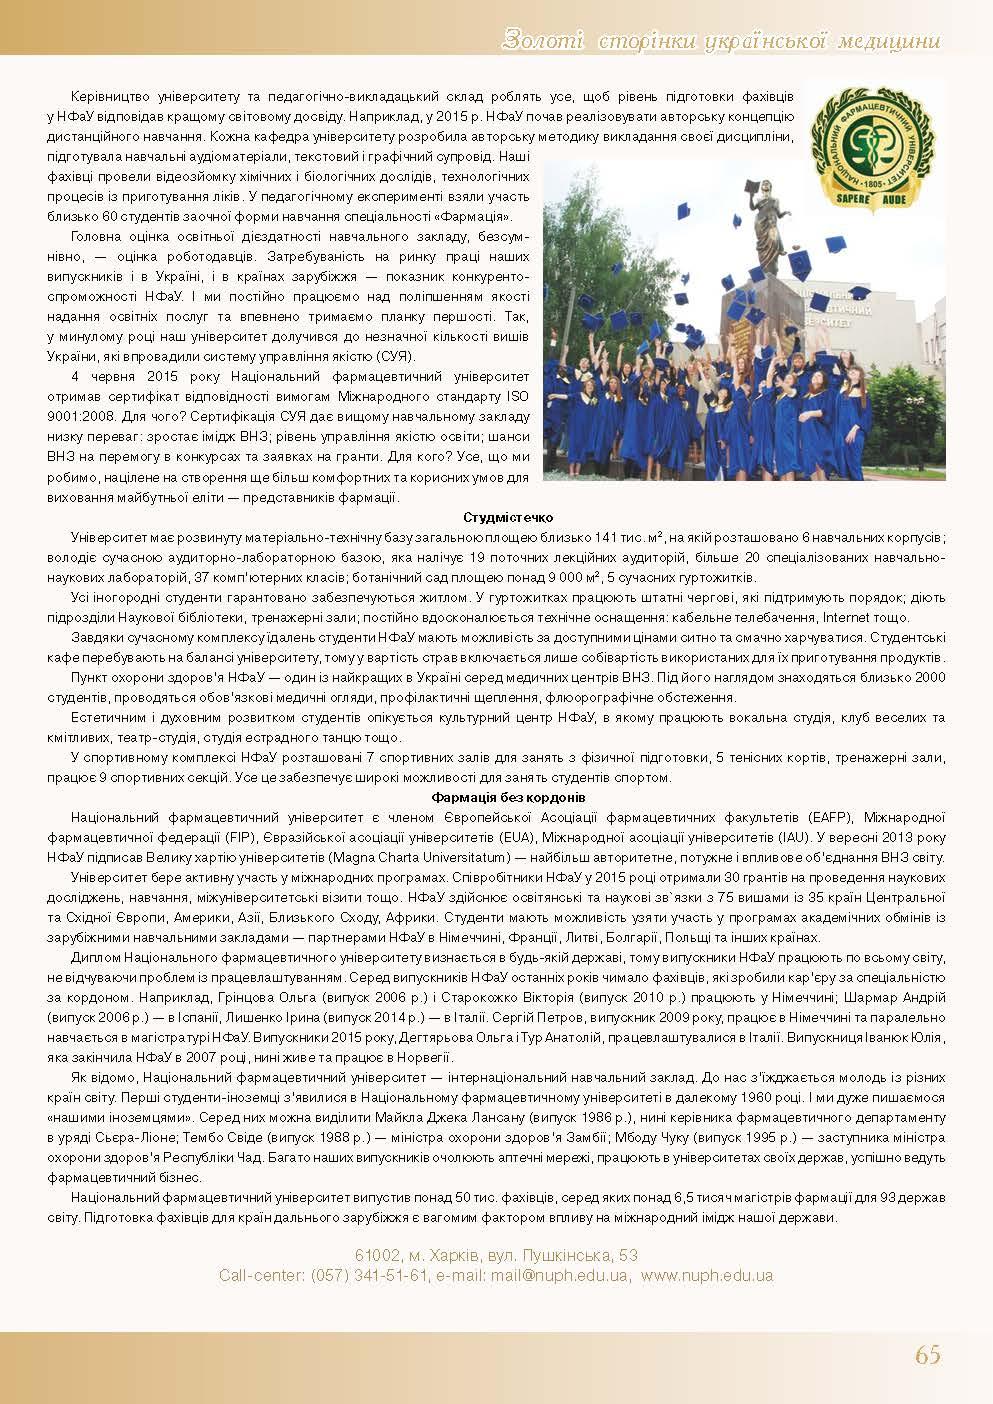 Національний фармацевтичний університет